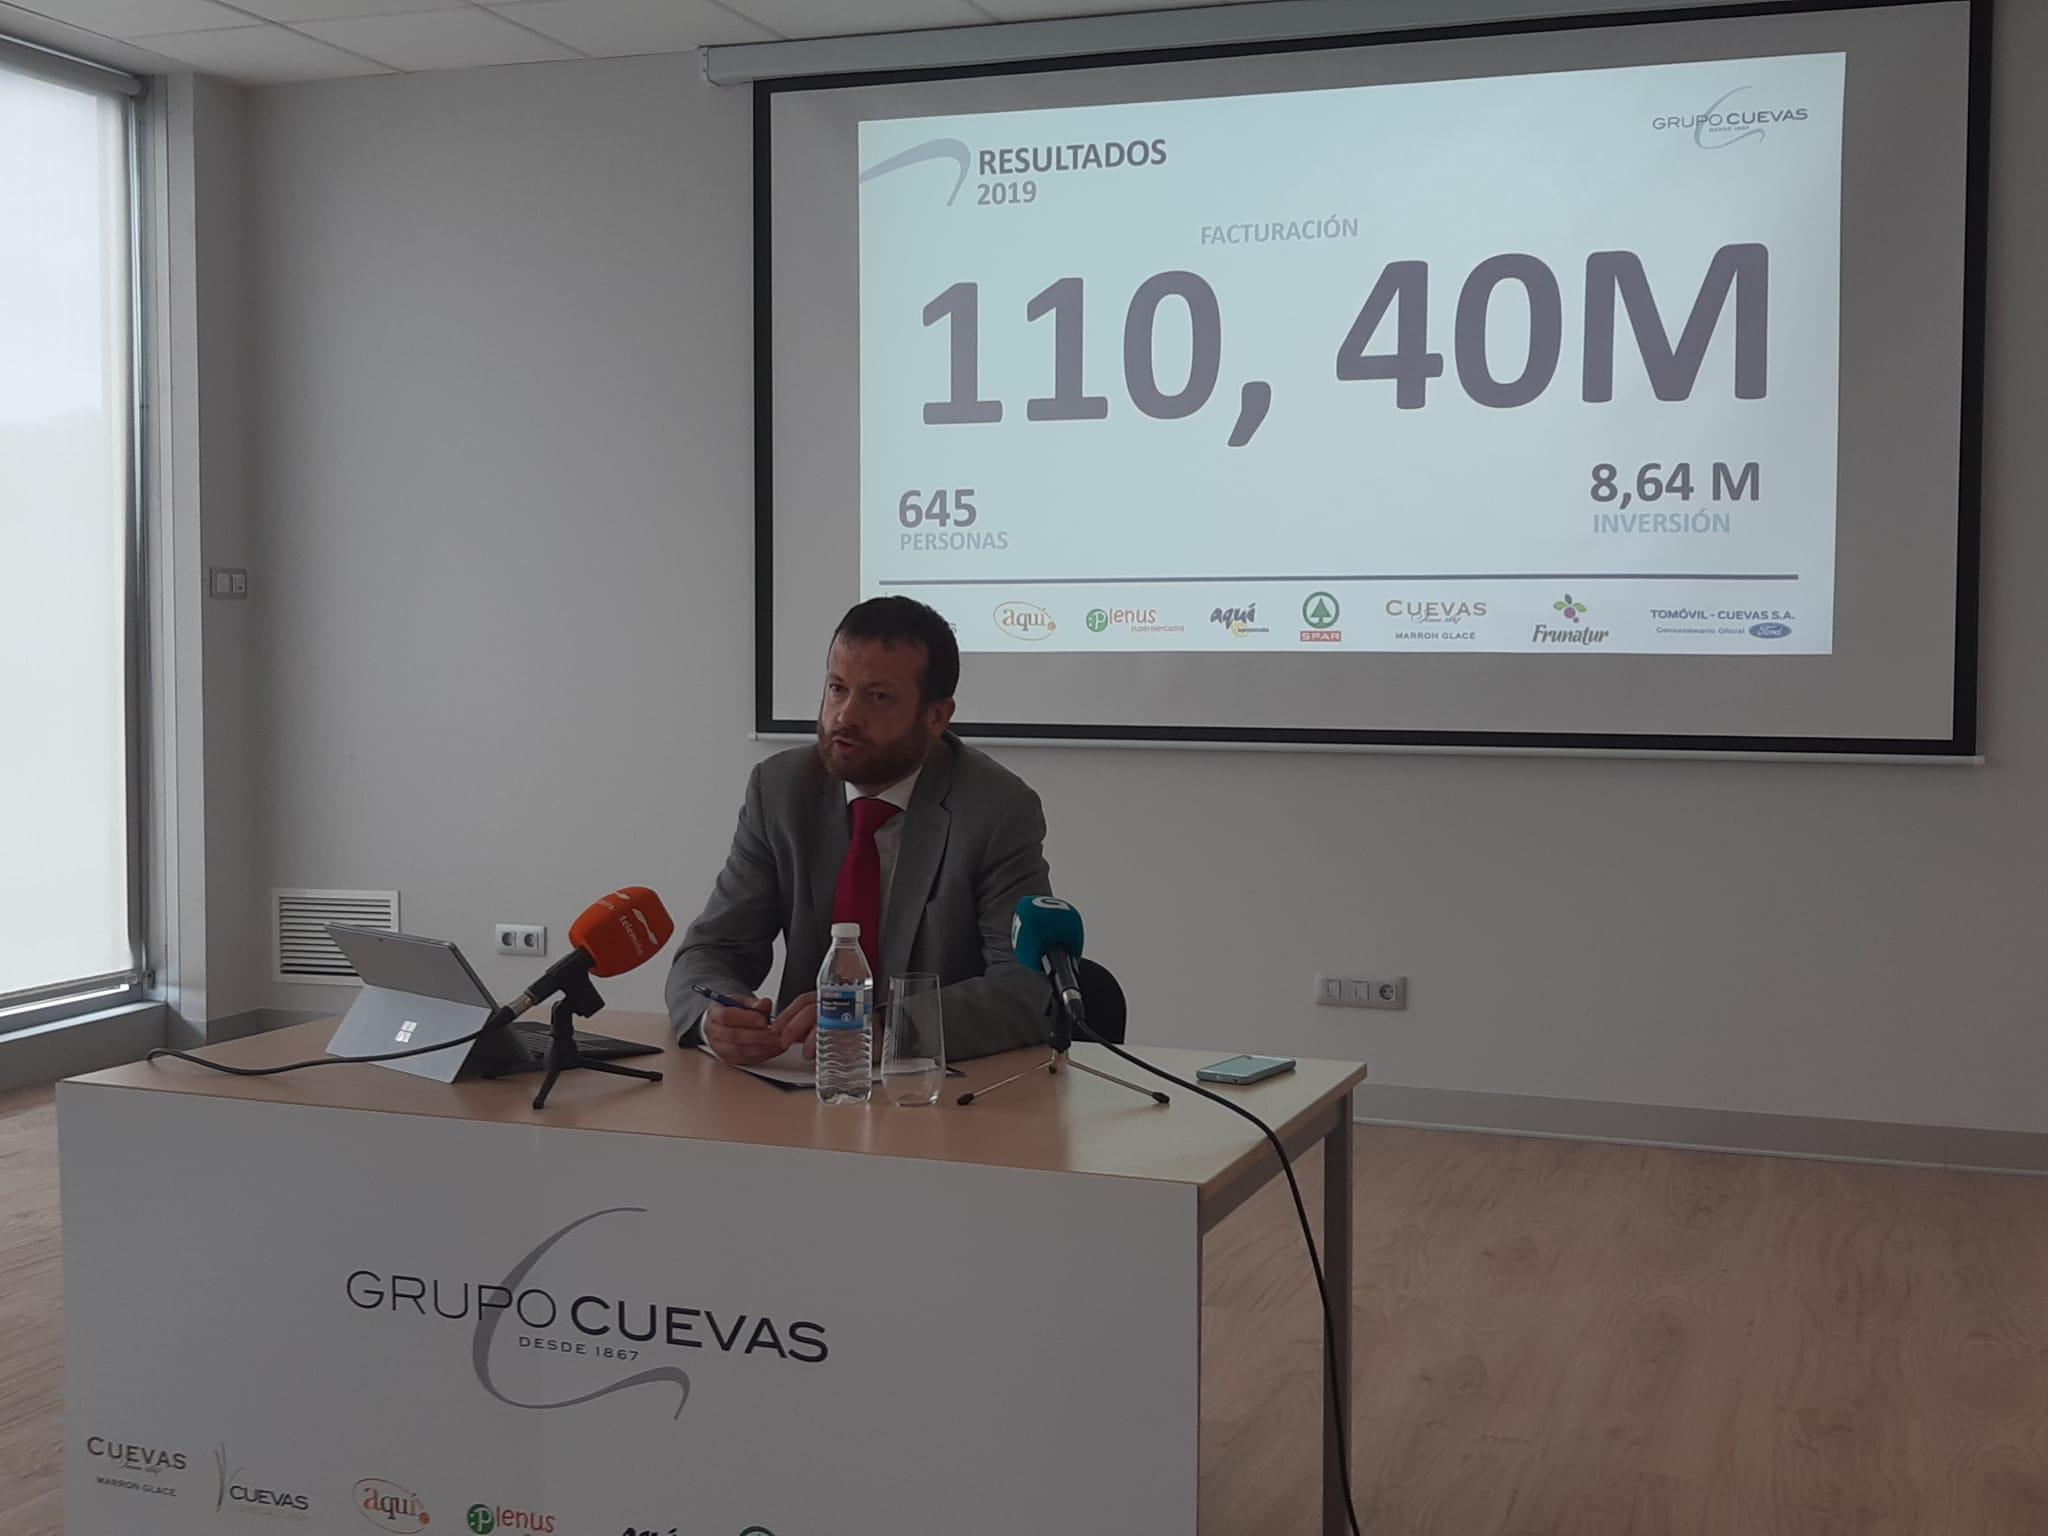 GRUPO CUEVAS DOBLA SU RITMO DE CRECIMIENTO Y SOBREPASA LOS 110 MILLONES DE FACTURACIÓN